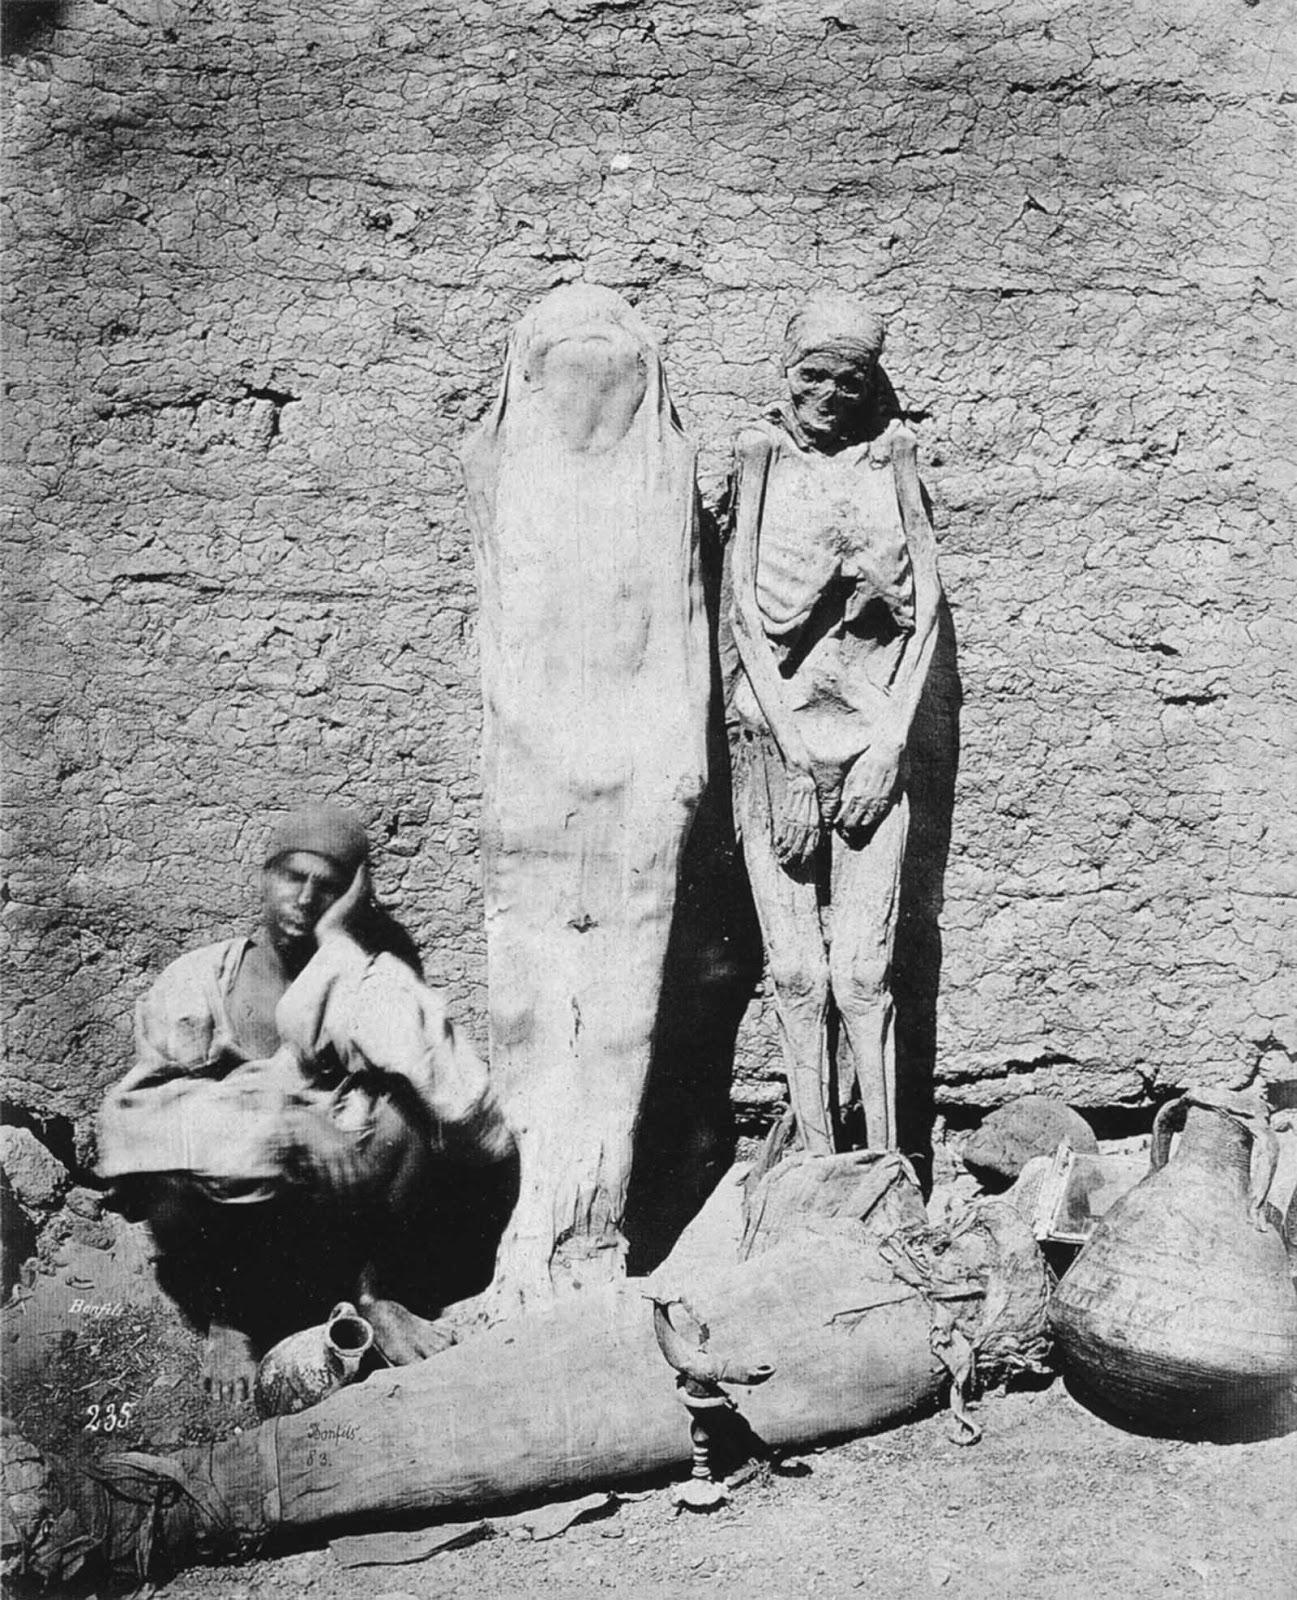 Egyptian mummy seller, 1875.